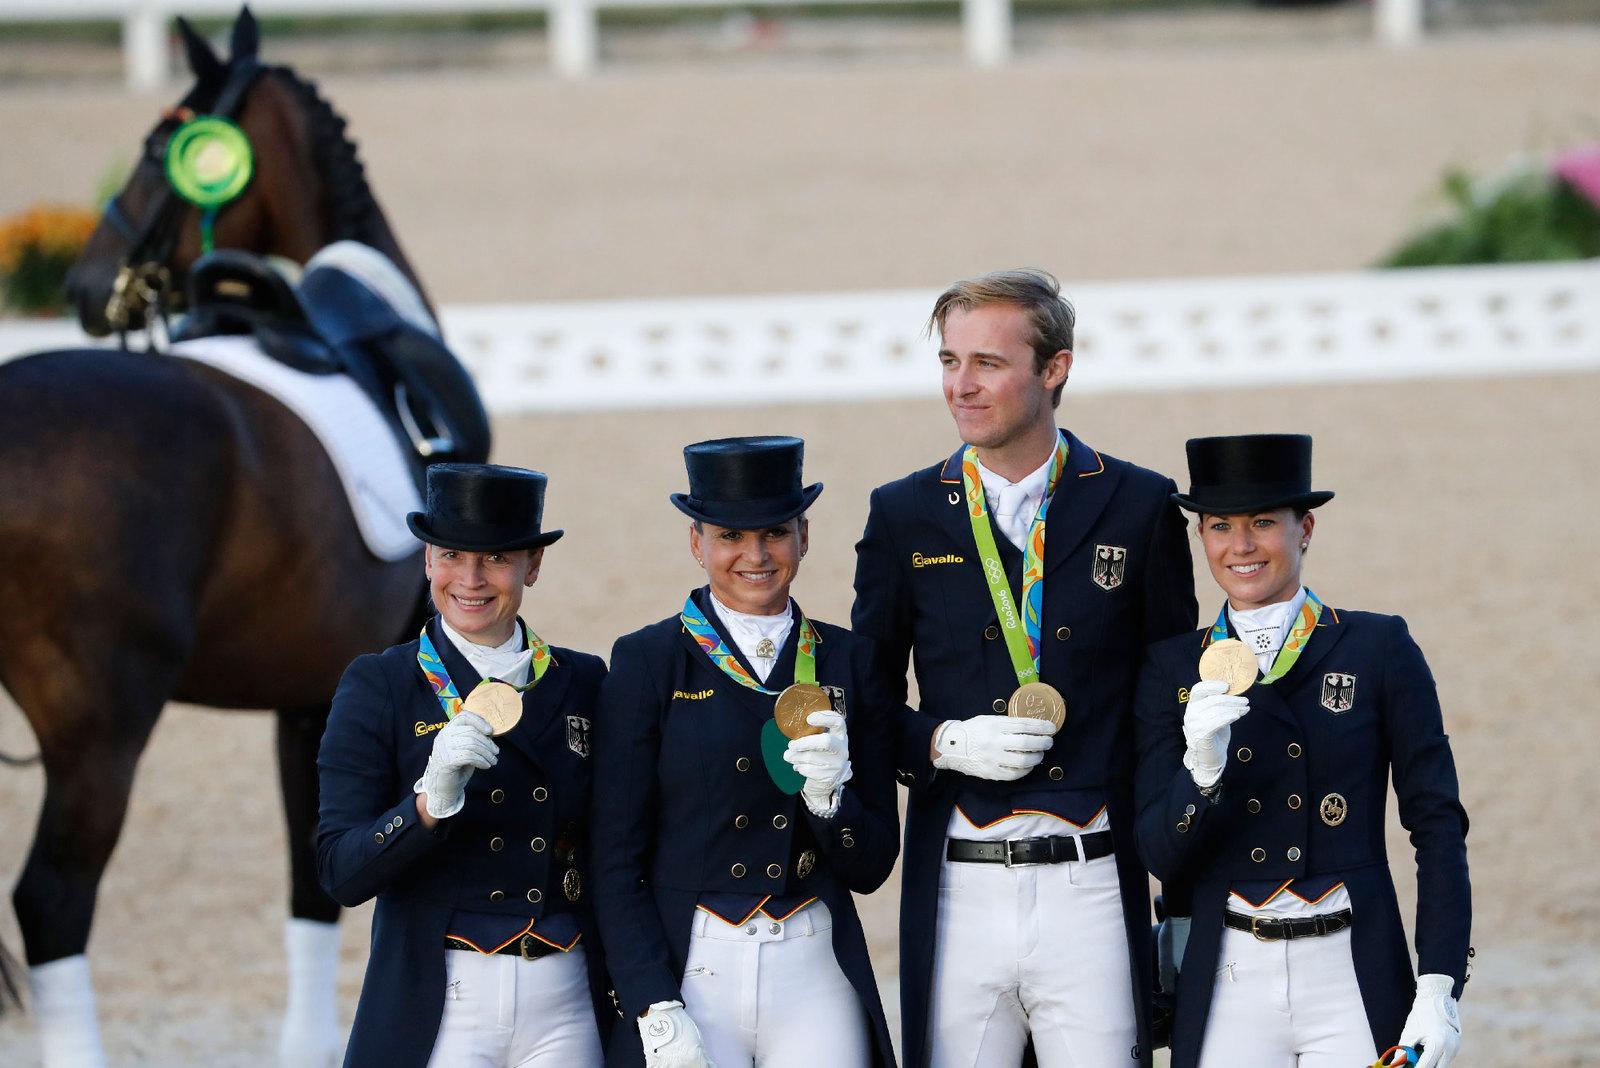 Олимпийскими чемпионами в командных соревнованиях у конников стали немцы